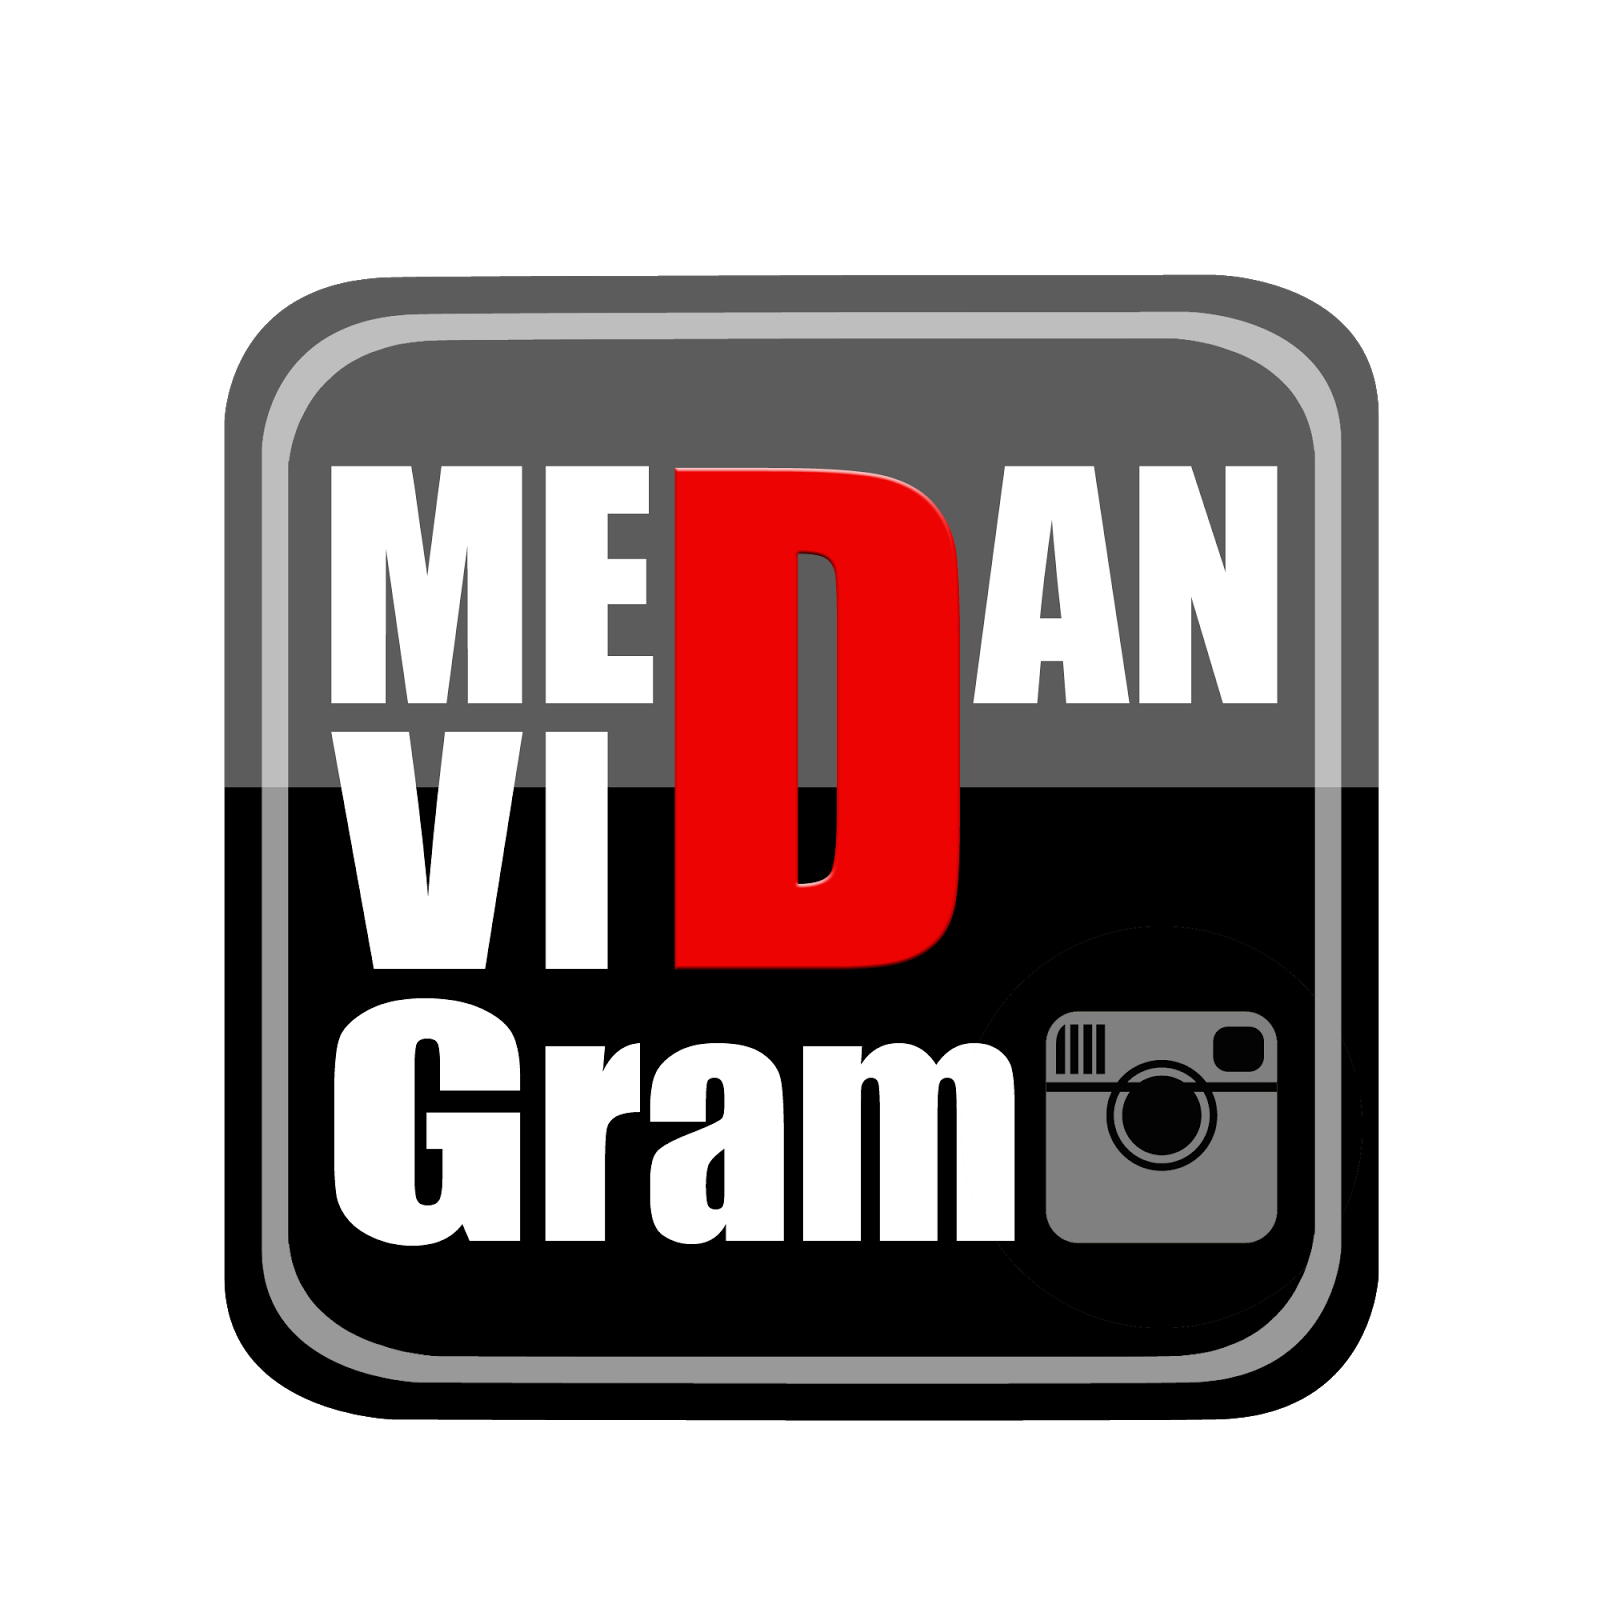 Medanvidgram : Komunitas Video di Instagram